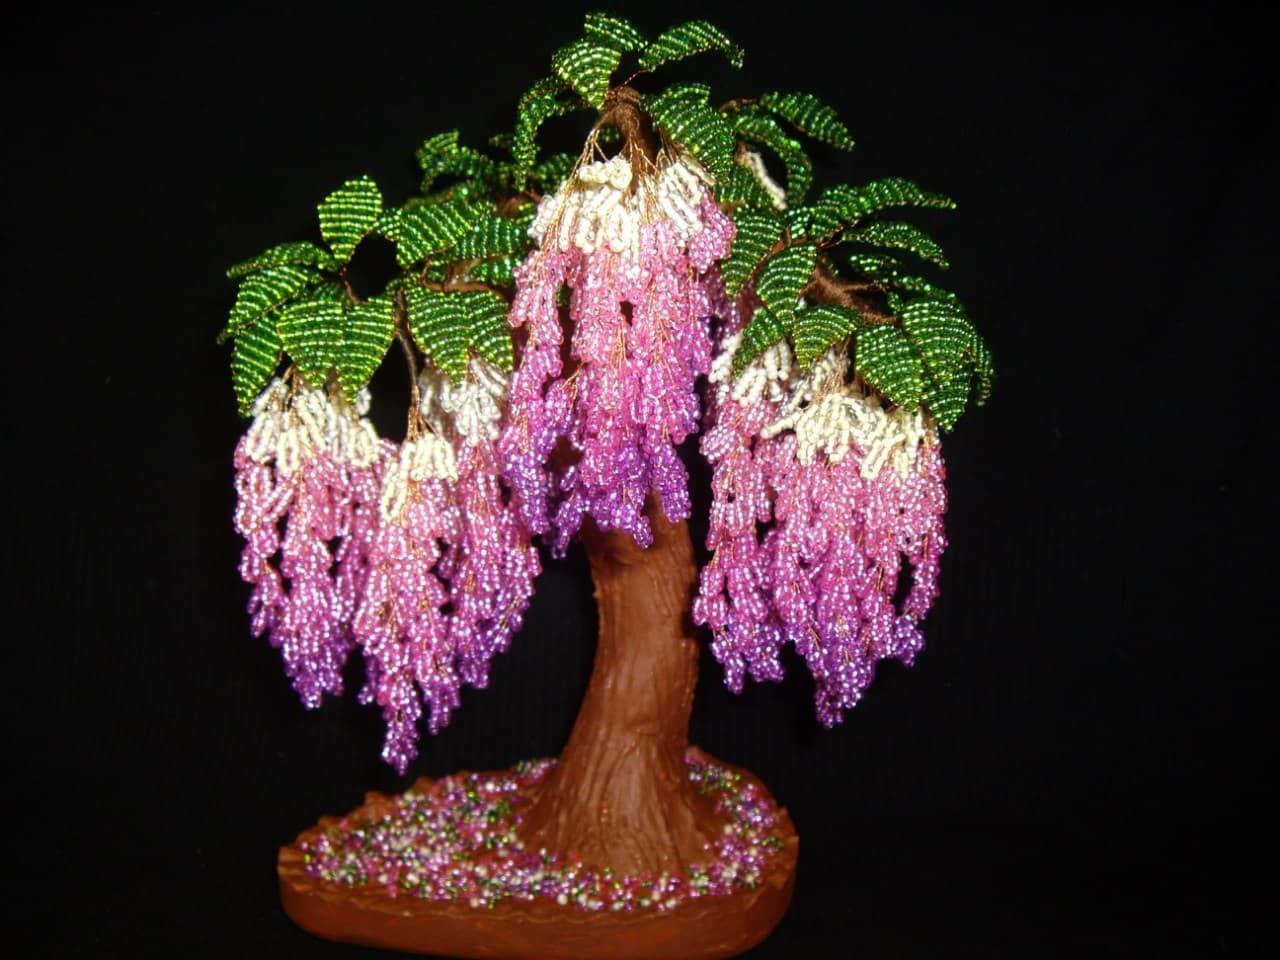 2-min45 Как сделать дерево из бисера своими руками для новичков и начинающих: пошаговая инструкция с фото. Схемы плетения красивых деревьев из бисера: мастер класс